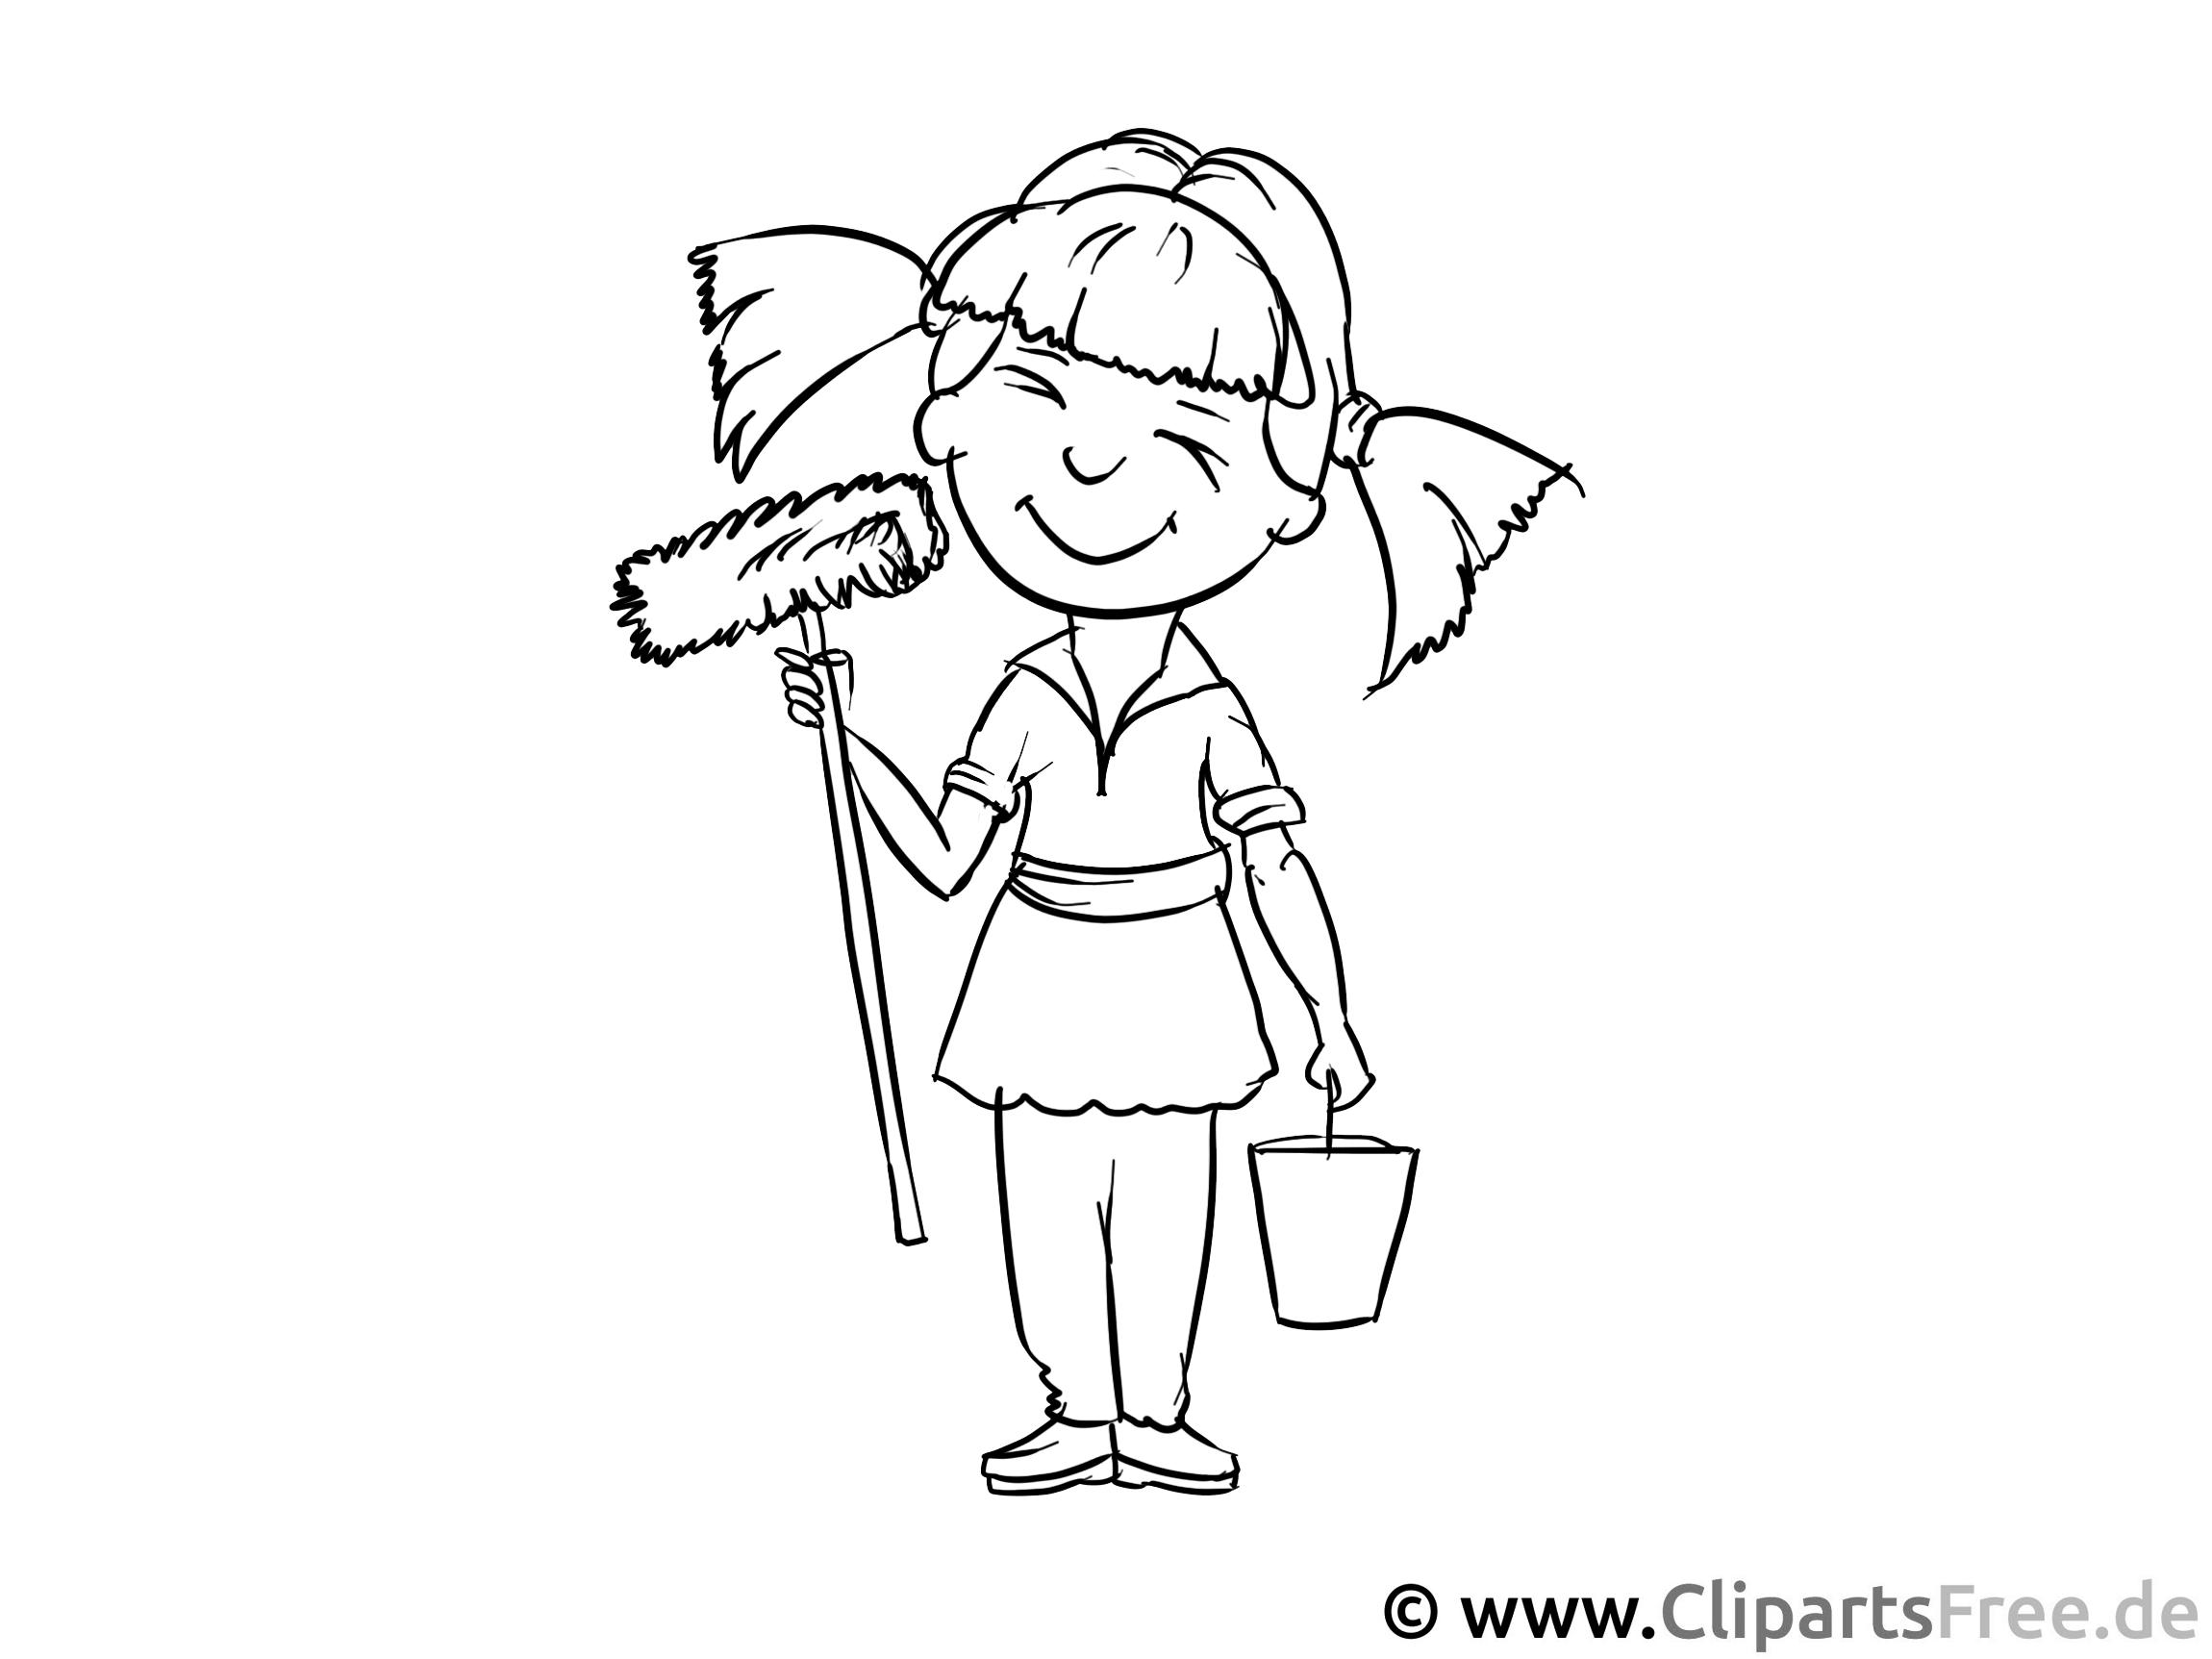 Putzfrau, Putzen - Malvorlagen Menschen und Berufe